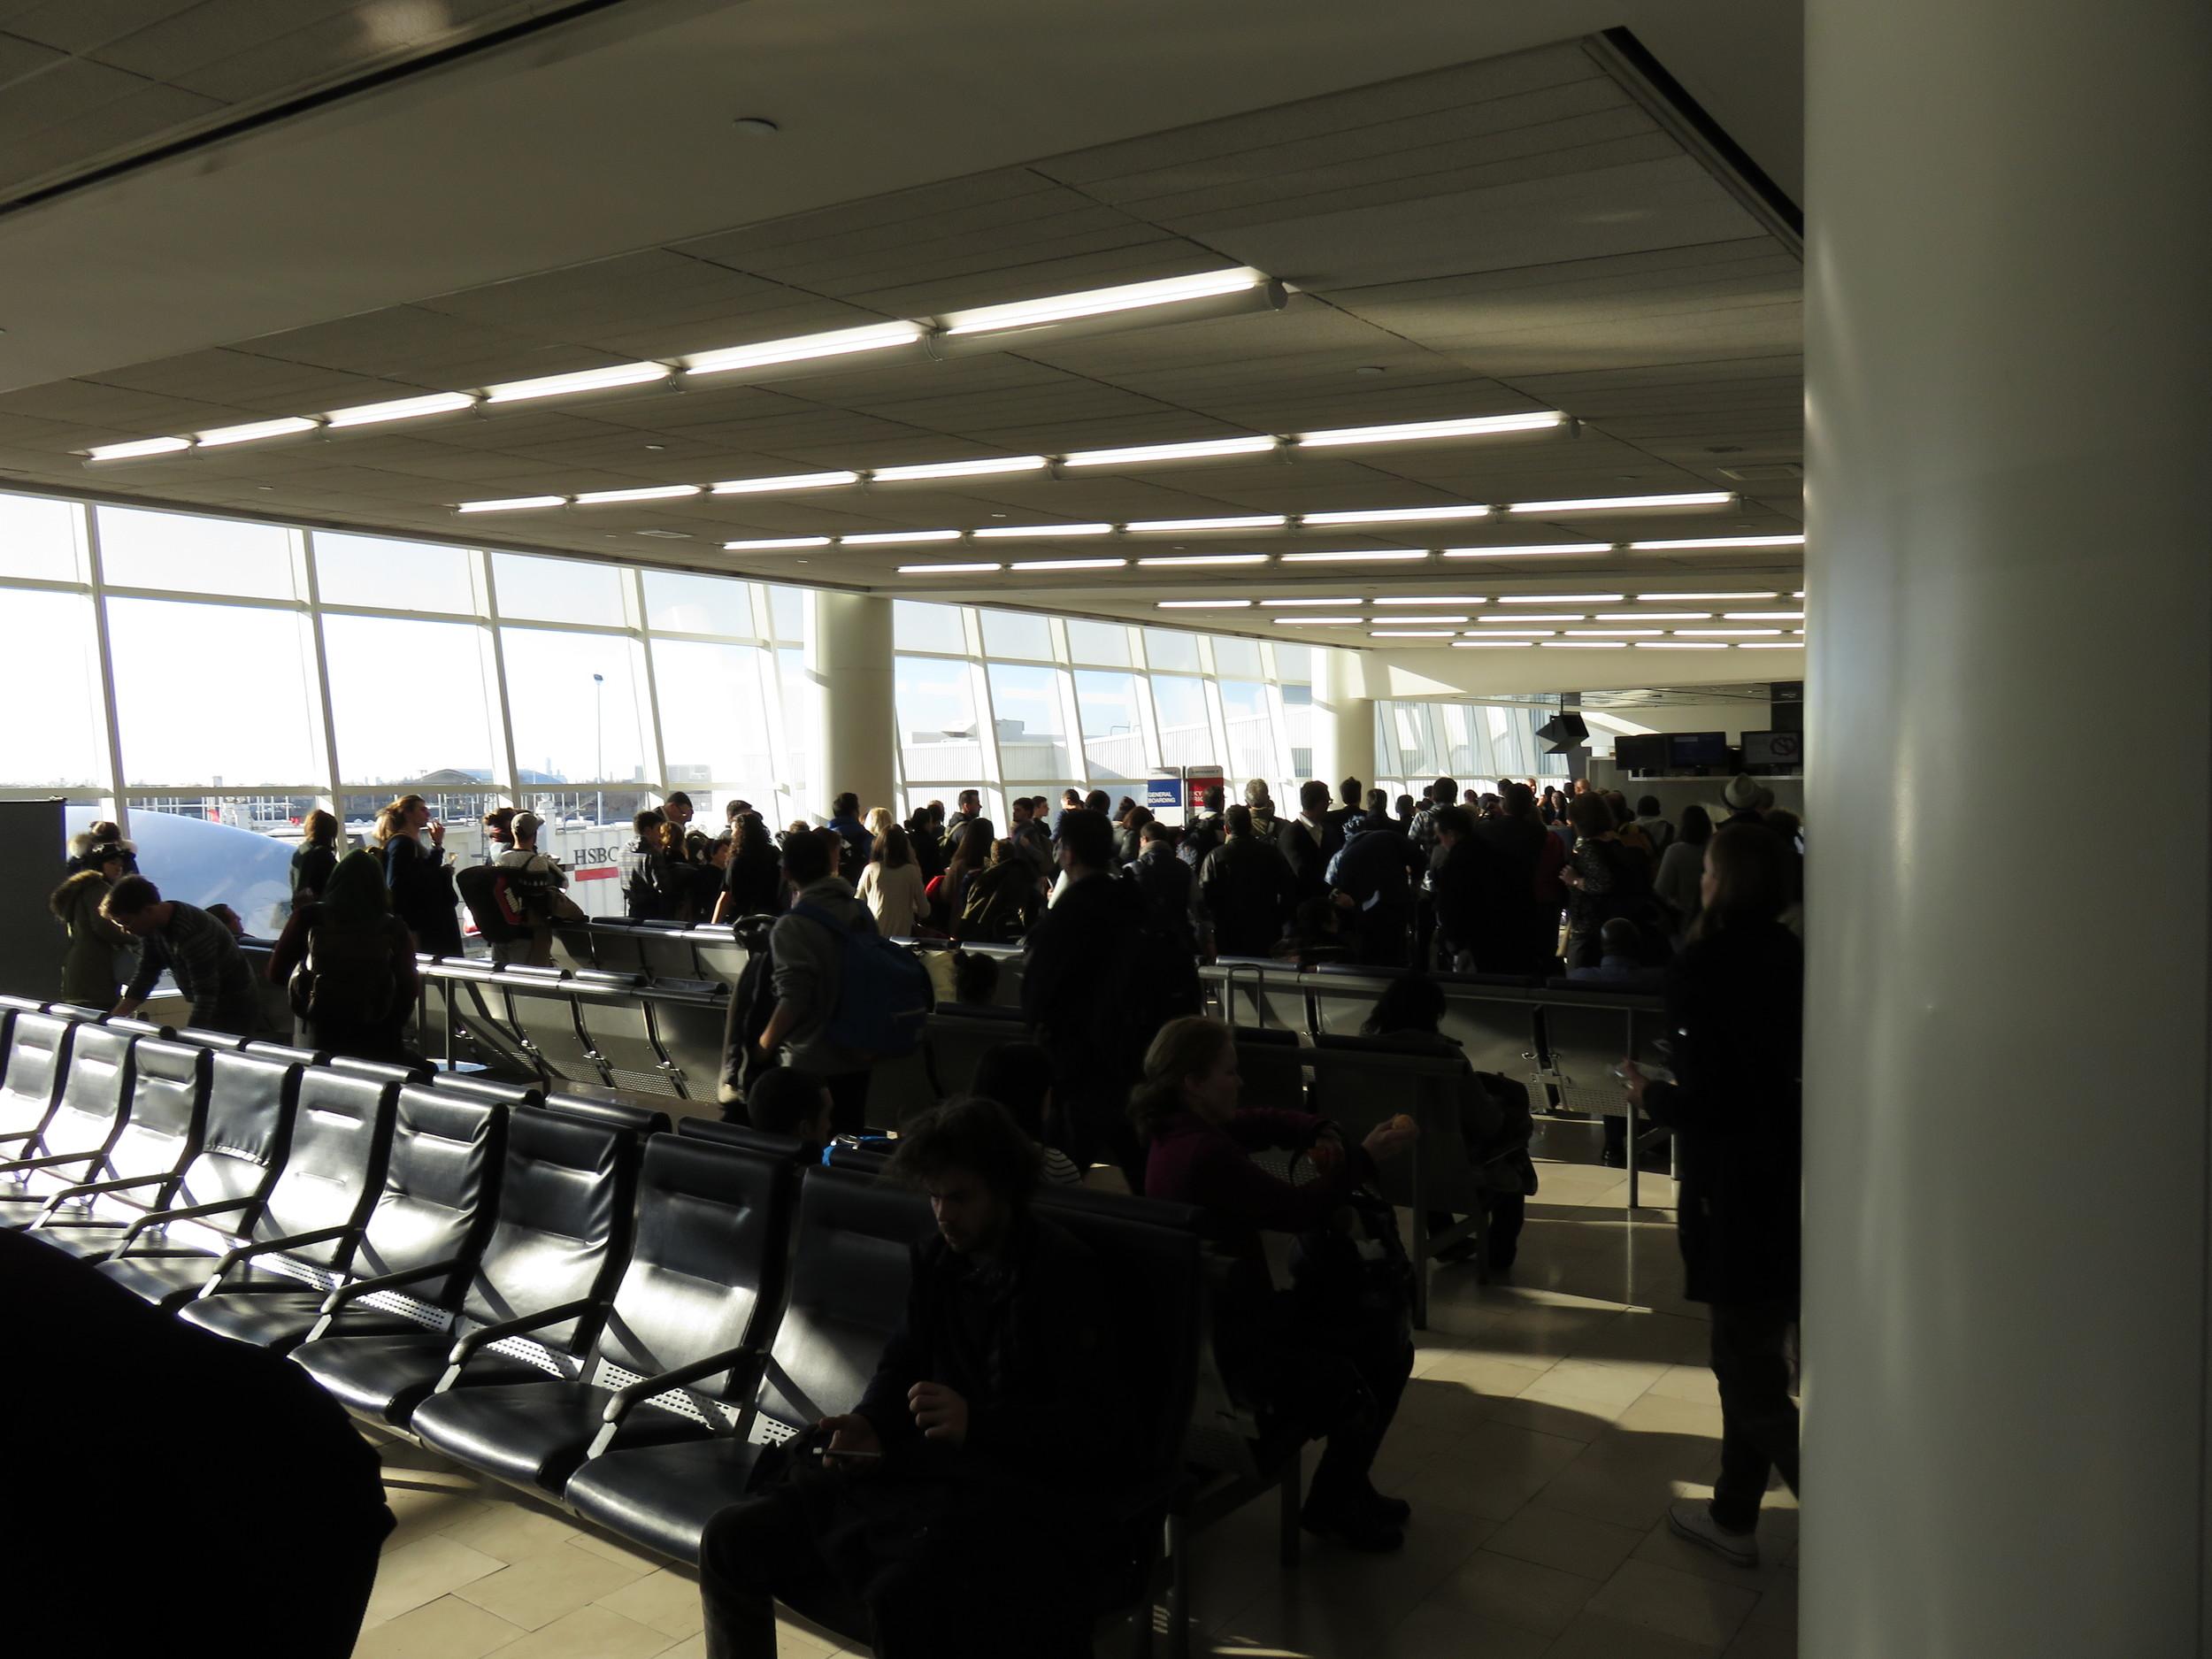 General boarding queue